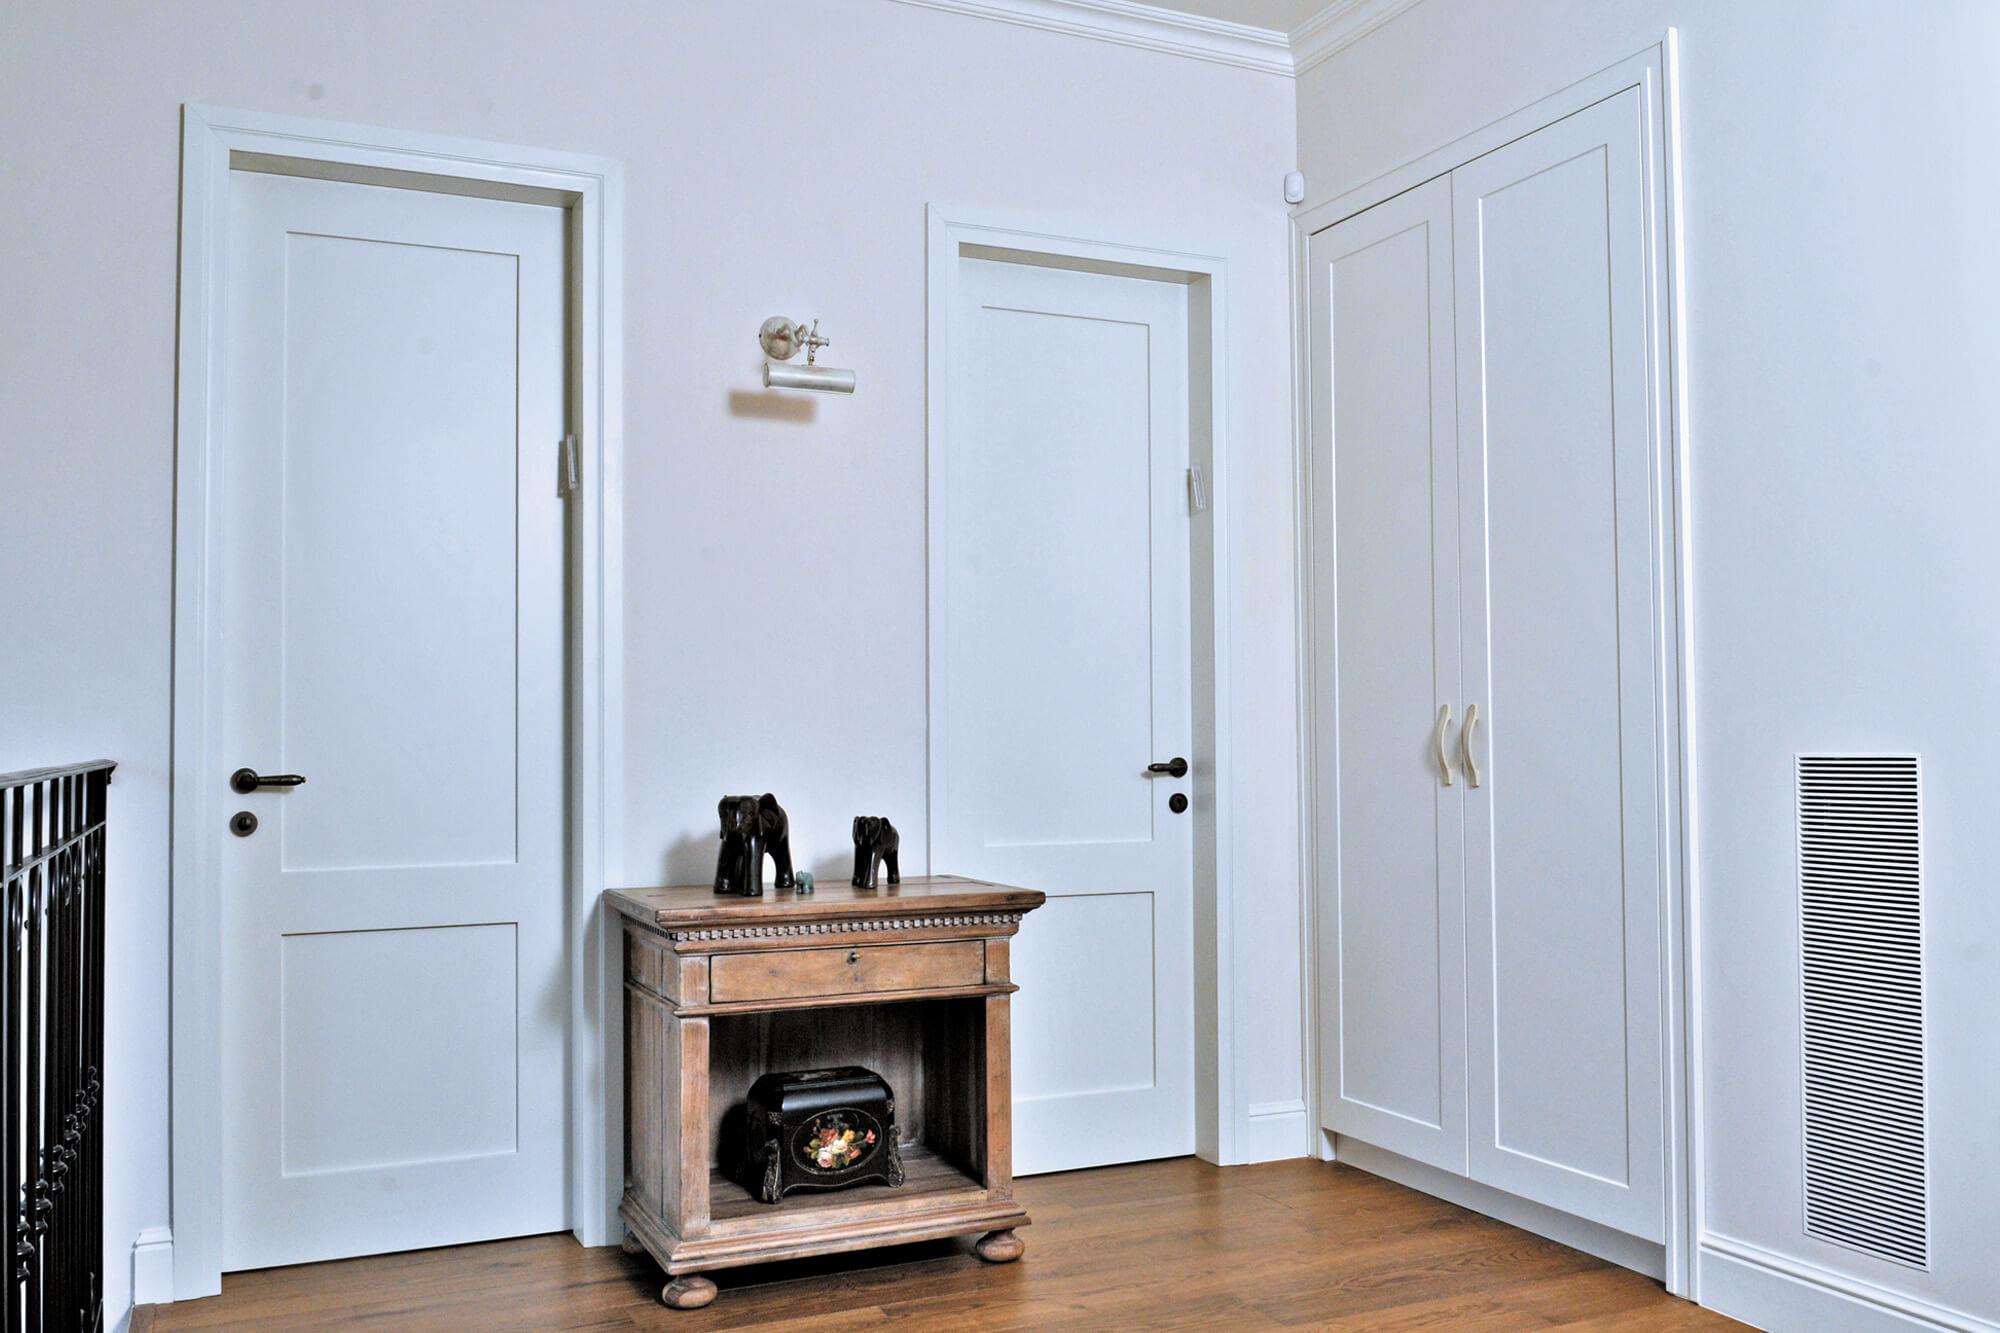 החומר, העיצוב או שניהם: מה משפיע על מחירי הדלתות שאנחנו בוחרים לבית?